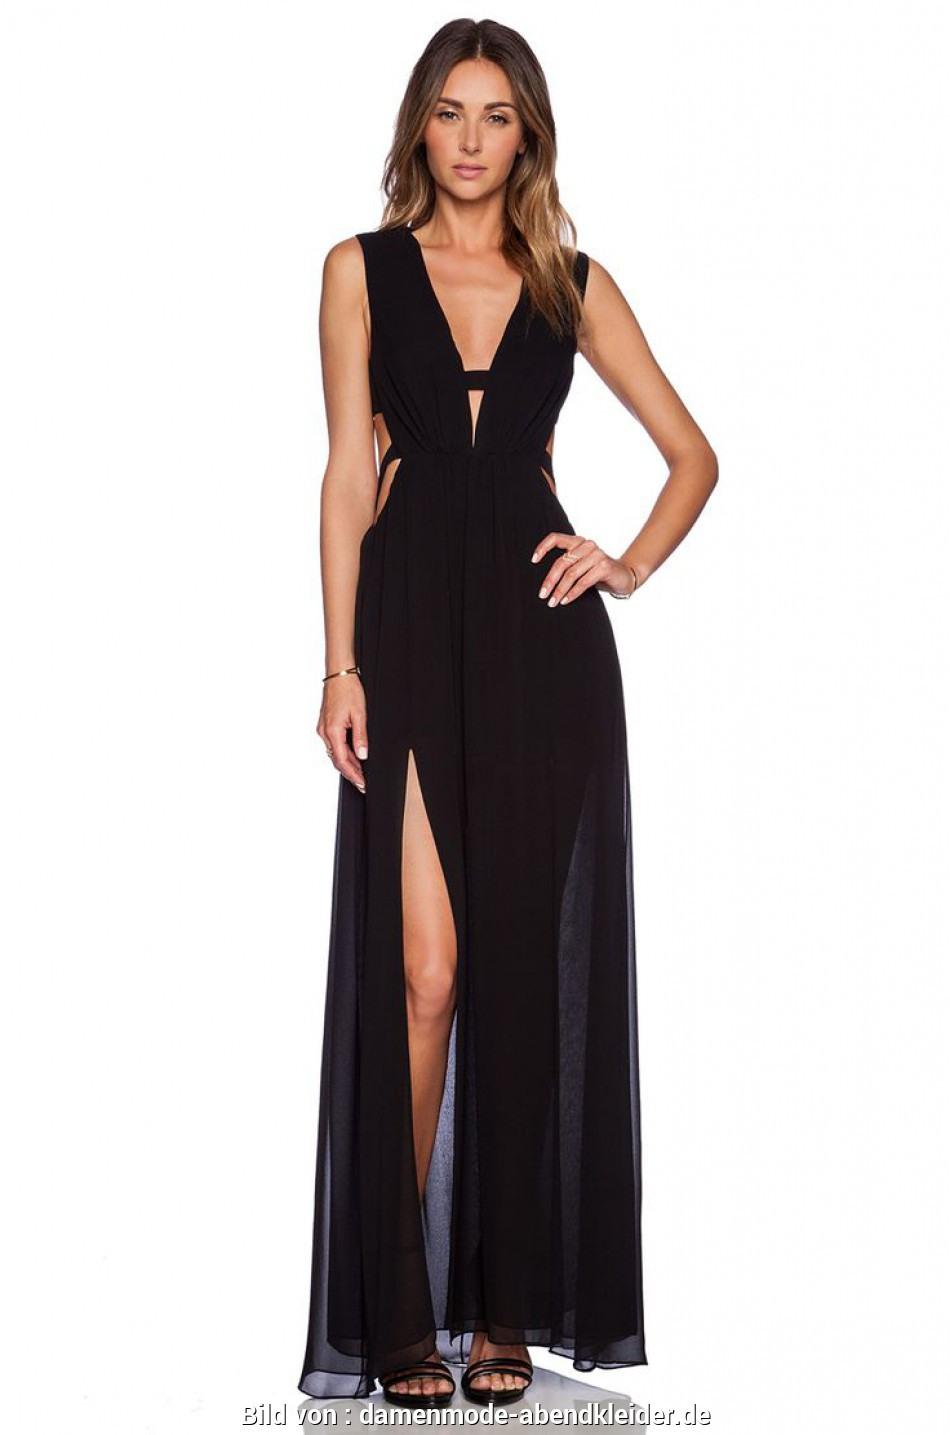 17 Schön Abend Kleider Für Frauen Ärmel13 Luxus Abend Kleider Für Frauen Galerie